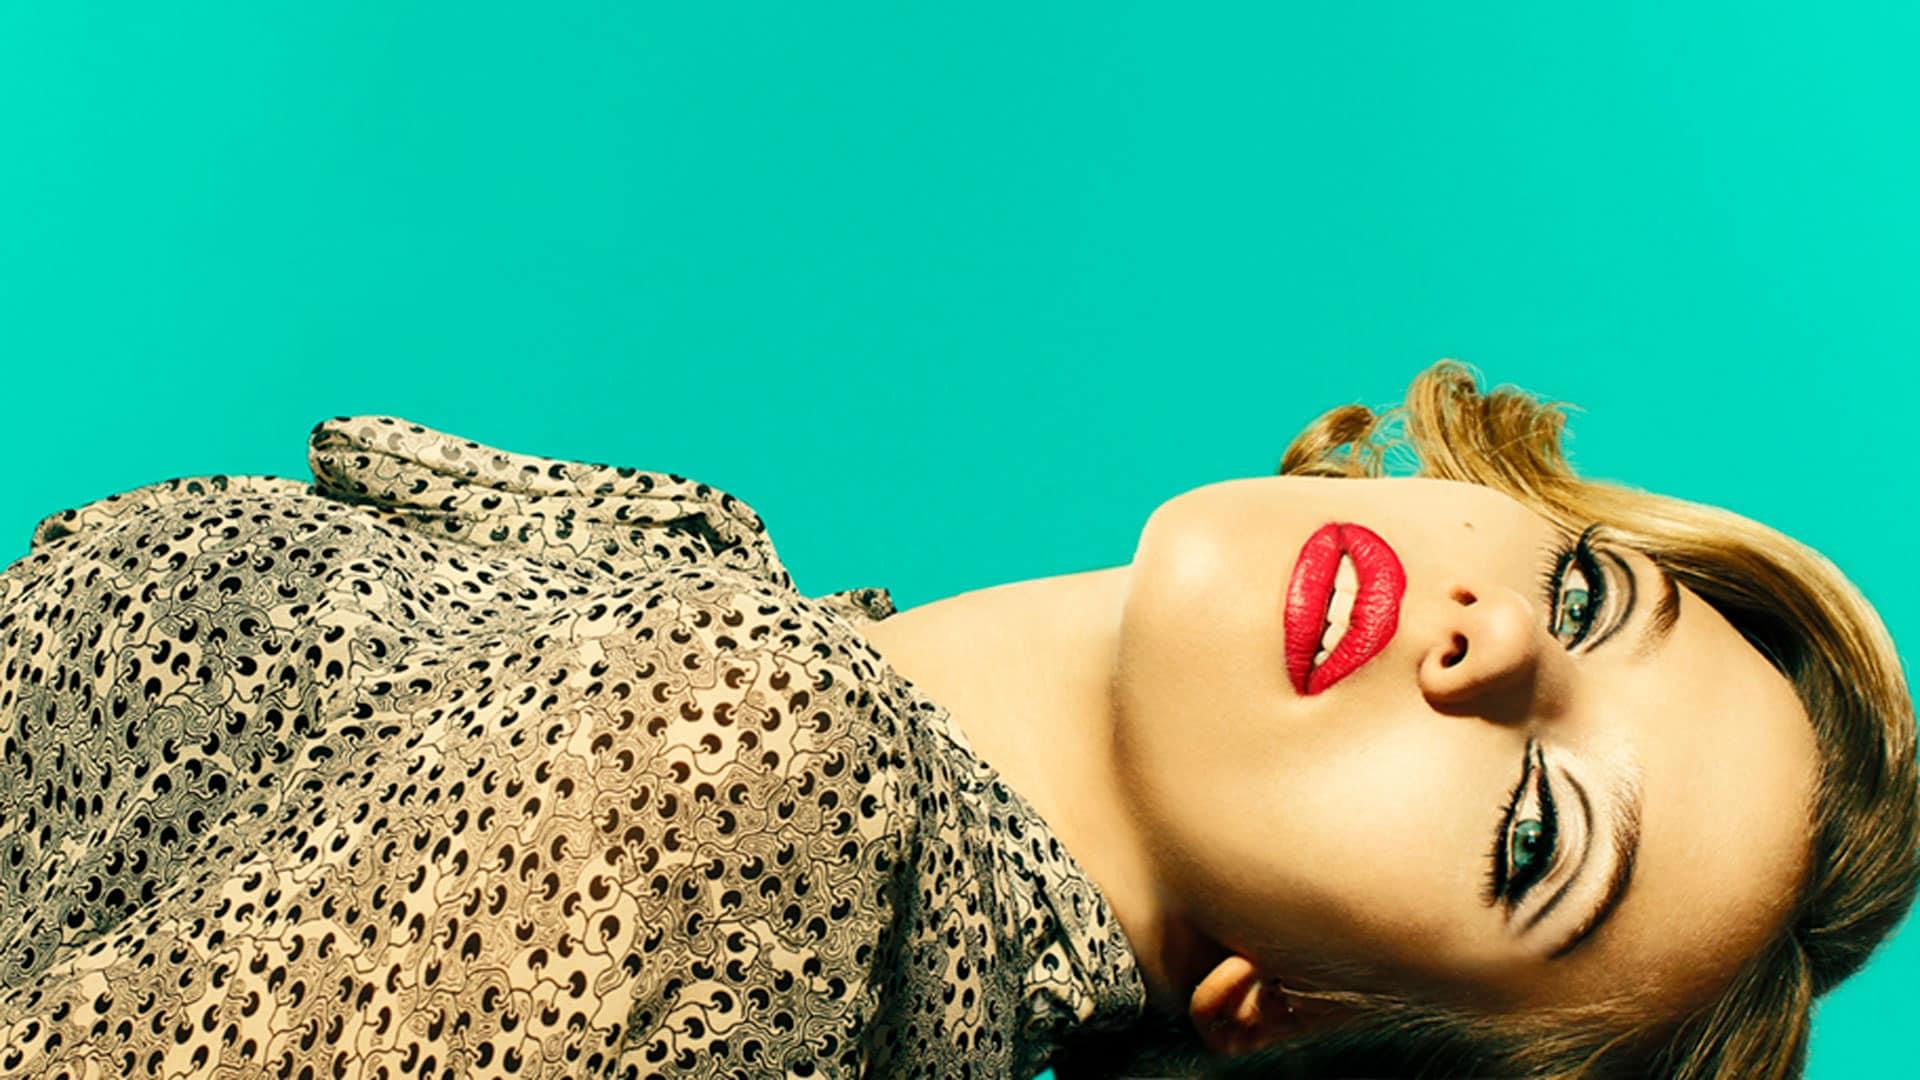 Scarlett Johansson: November 13, 2010